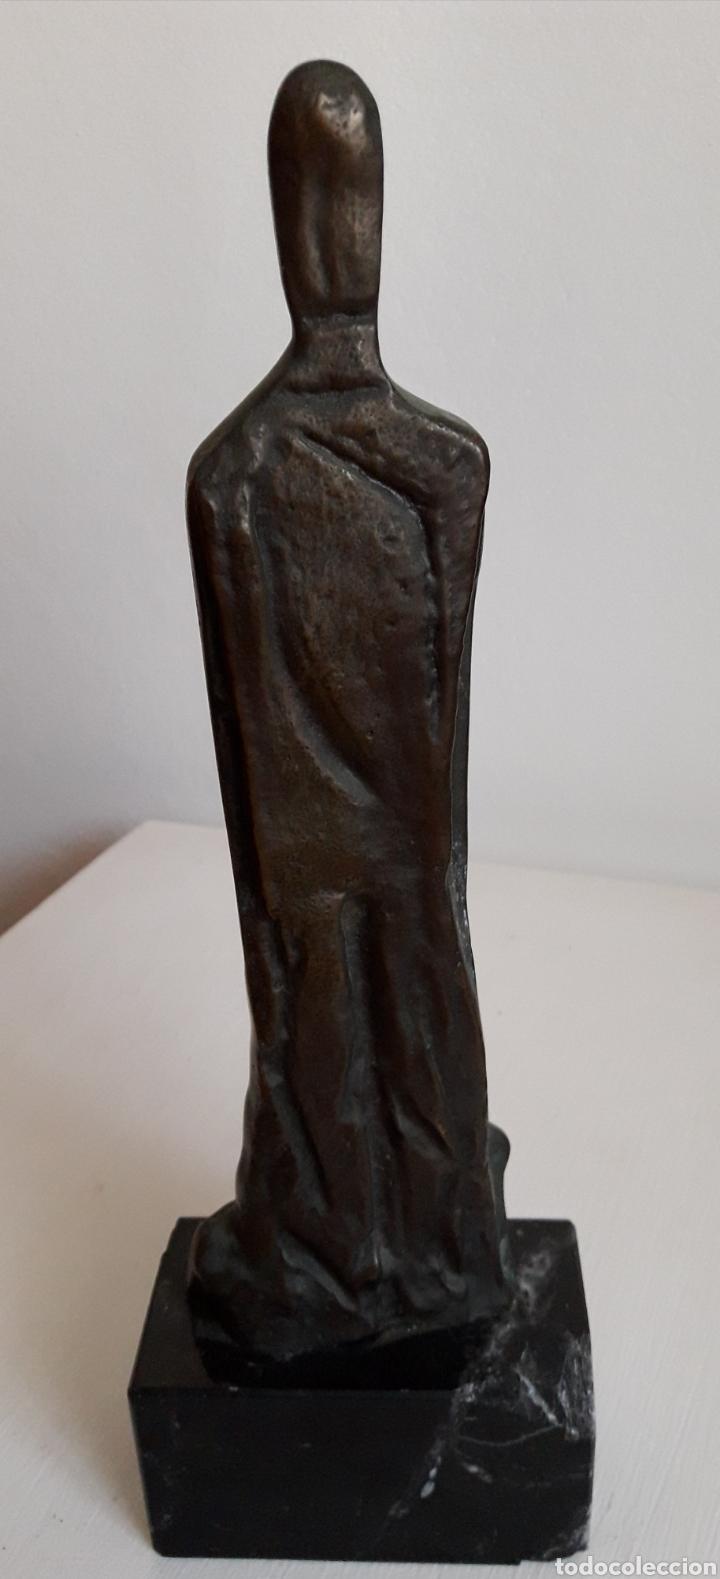 Arte: Escultura La Casera. Bronce. - Foto 3 - 111407540